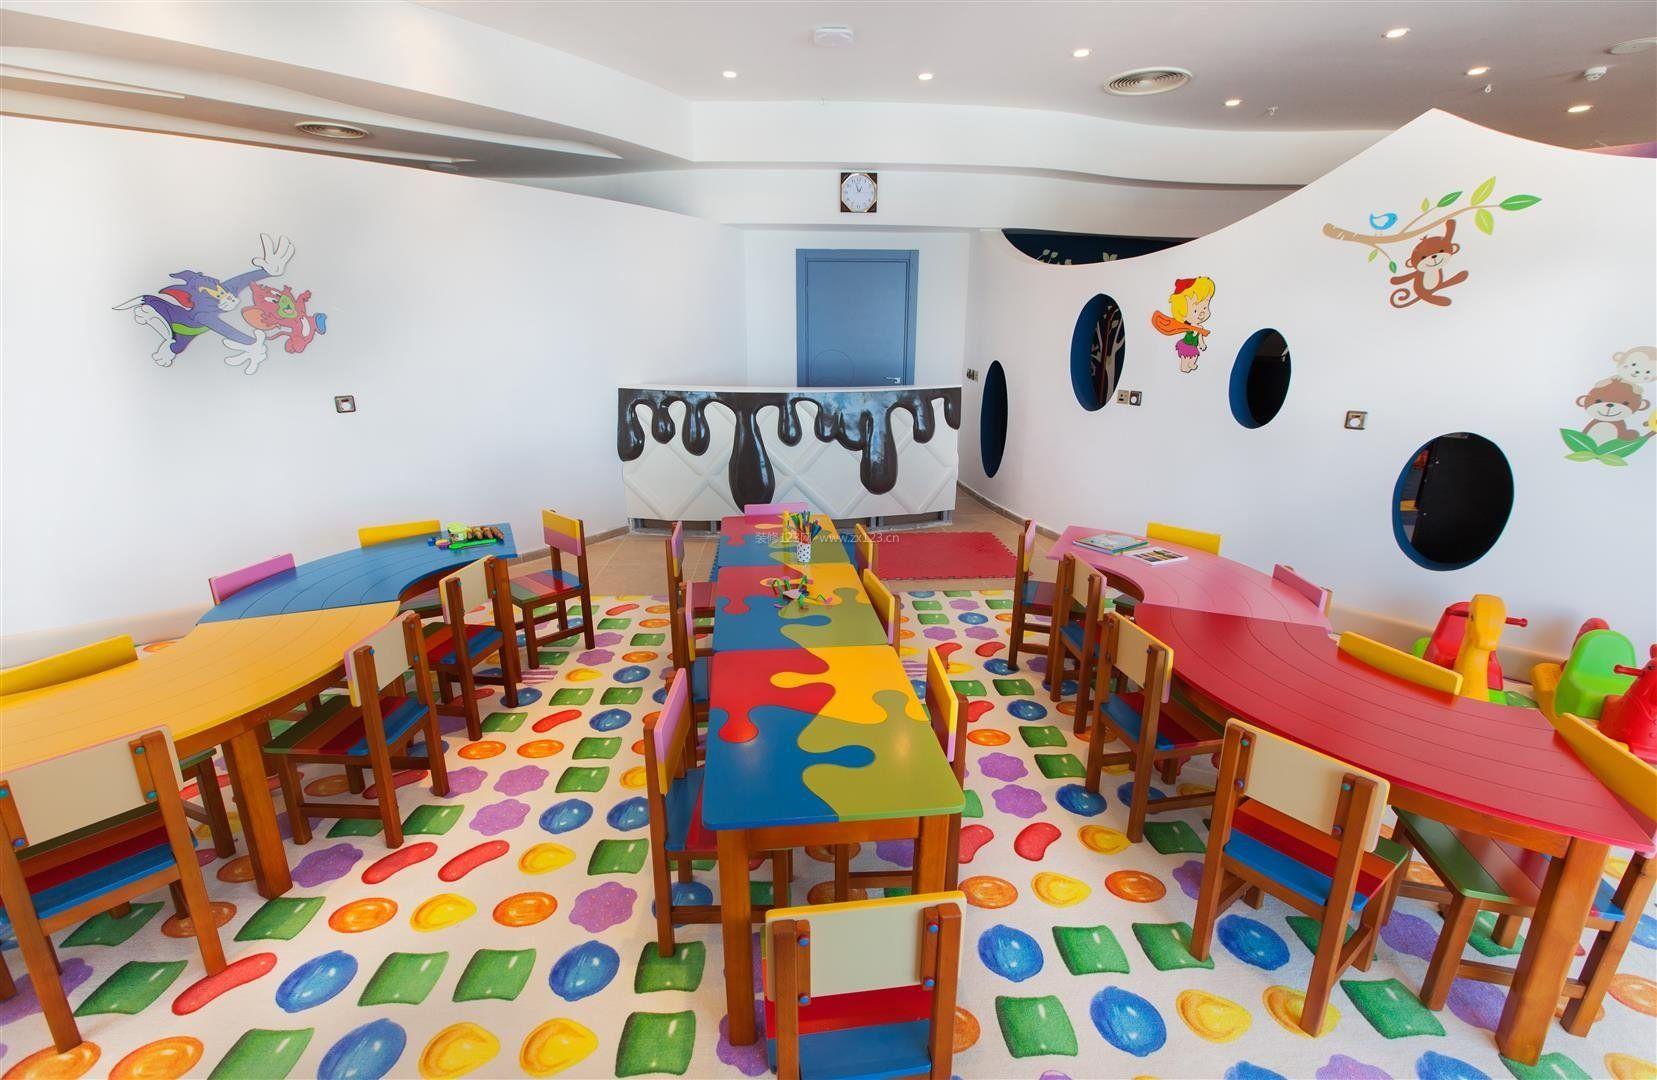 幼儿园教室墙面布置设计图片